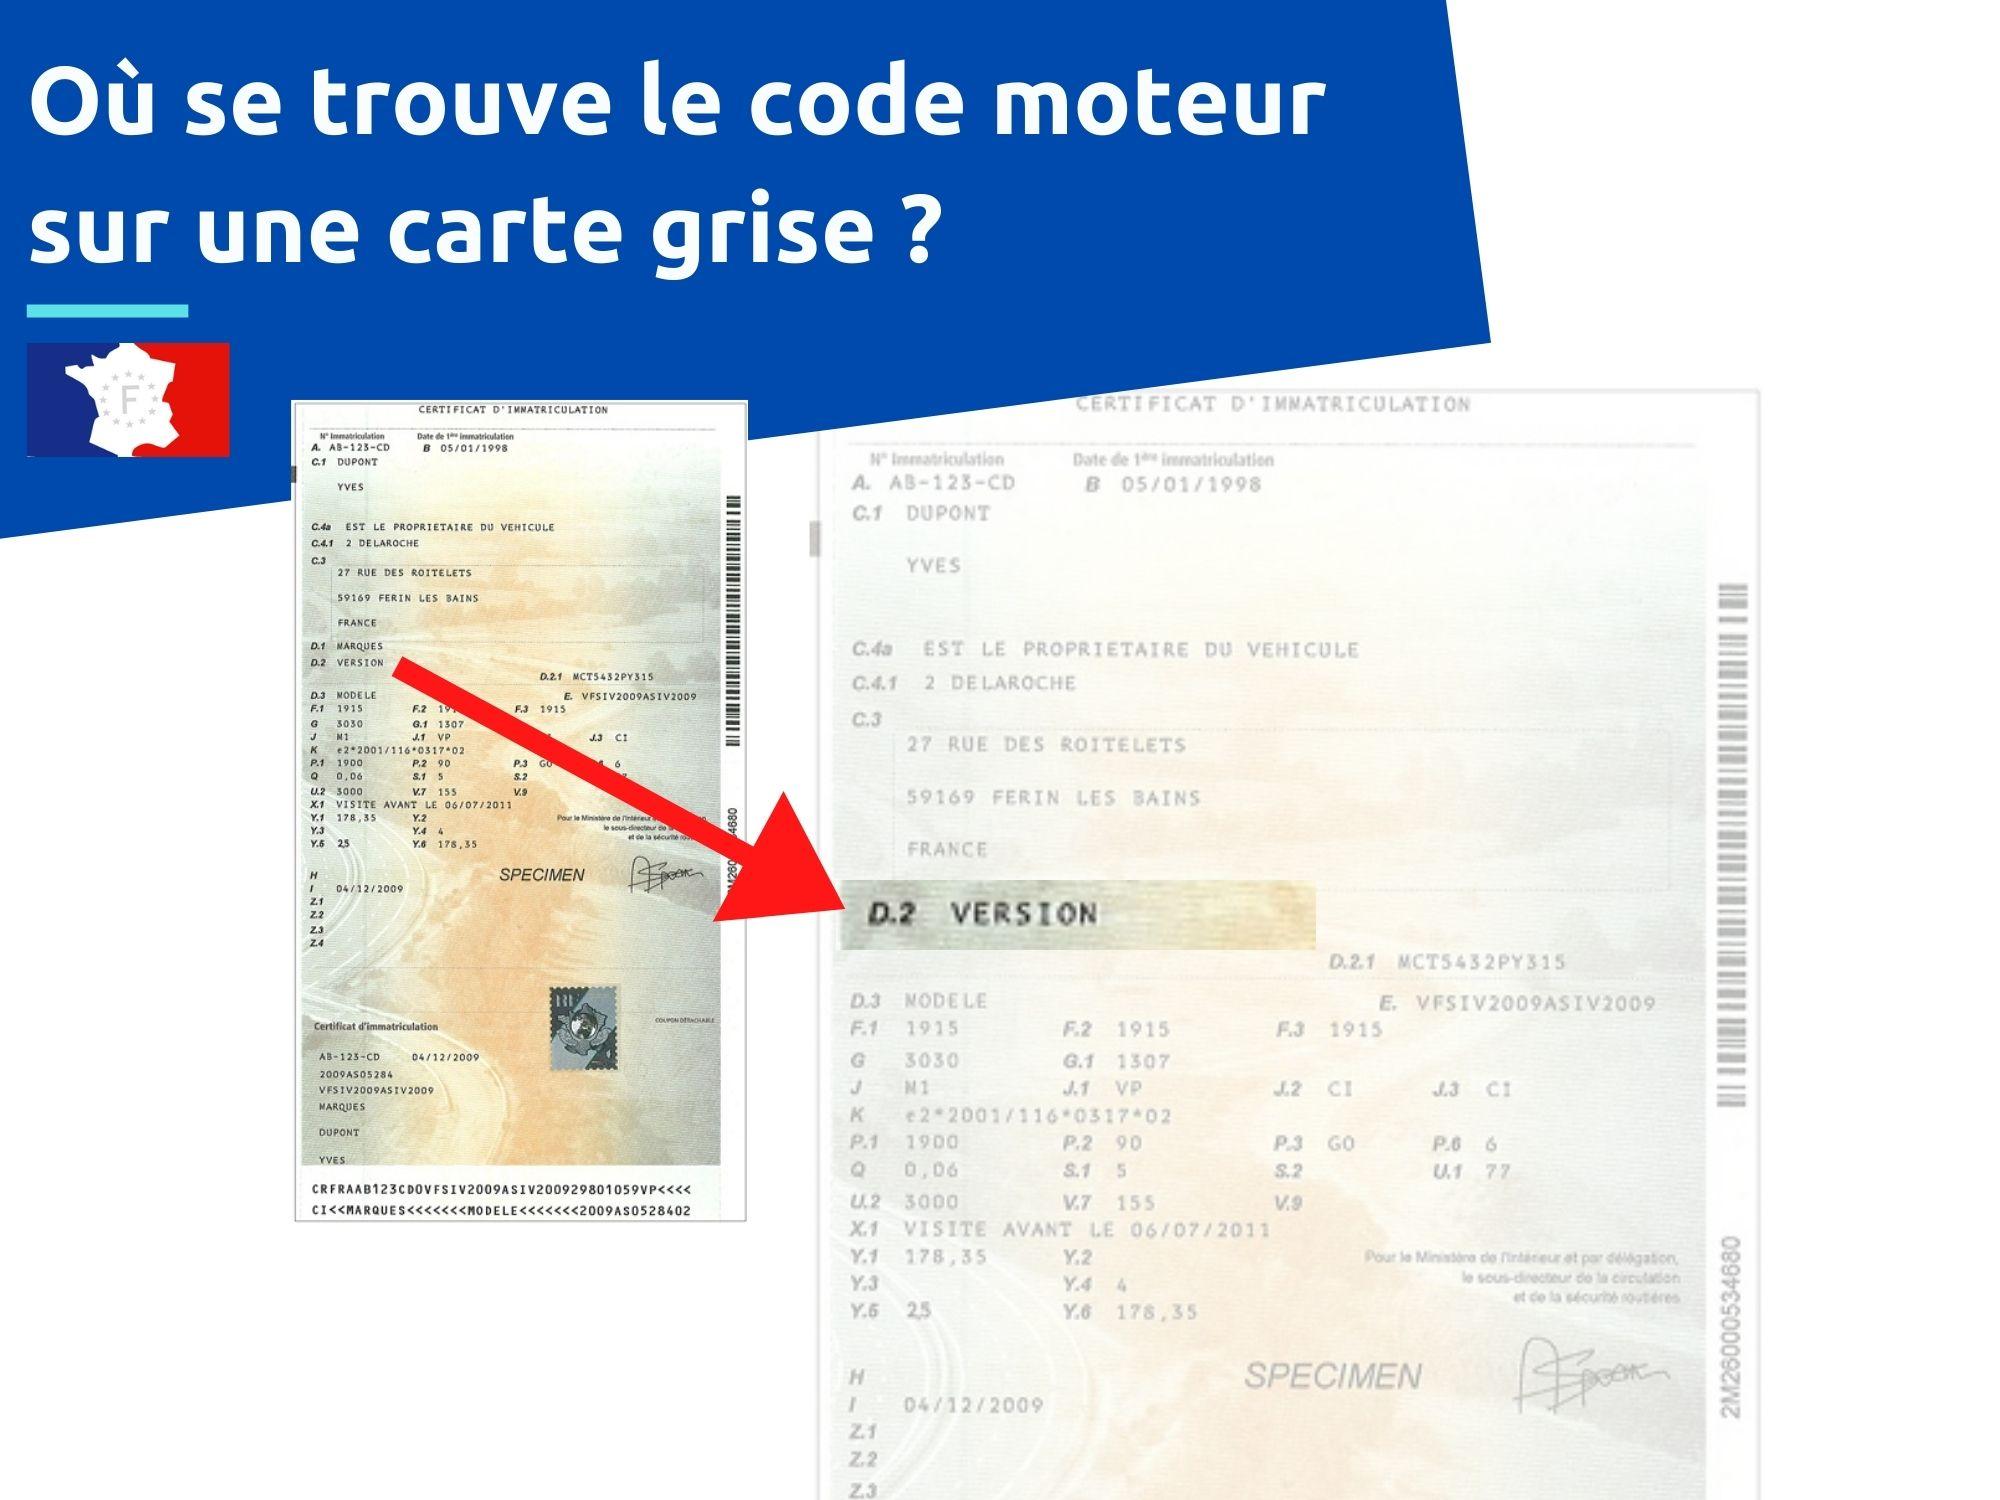 code moteur sur une carte grise